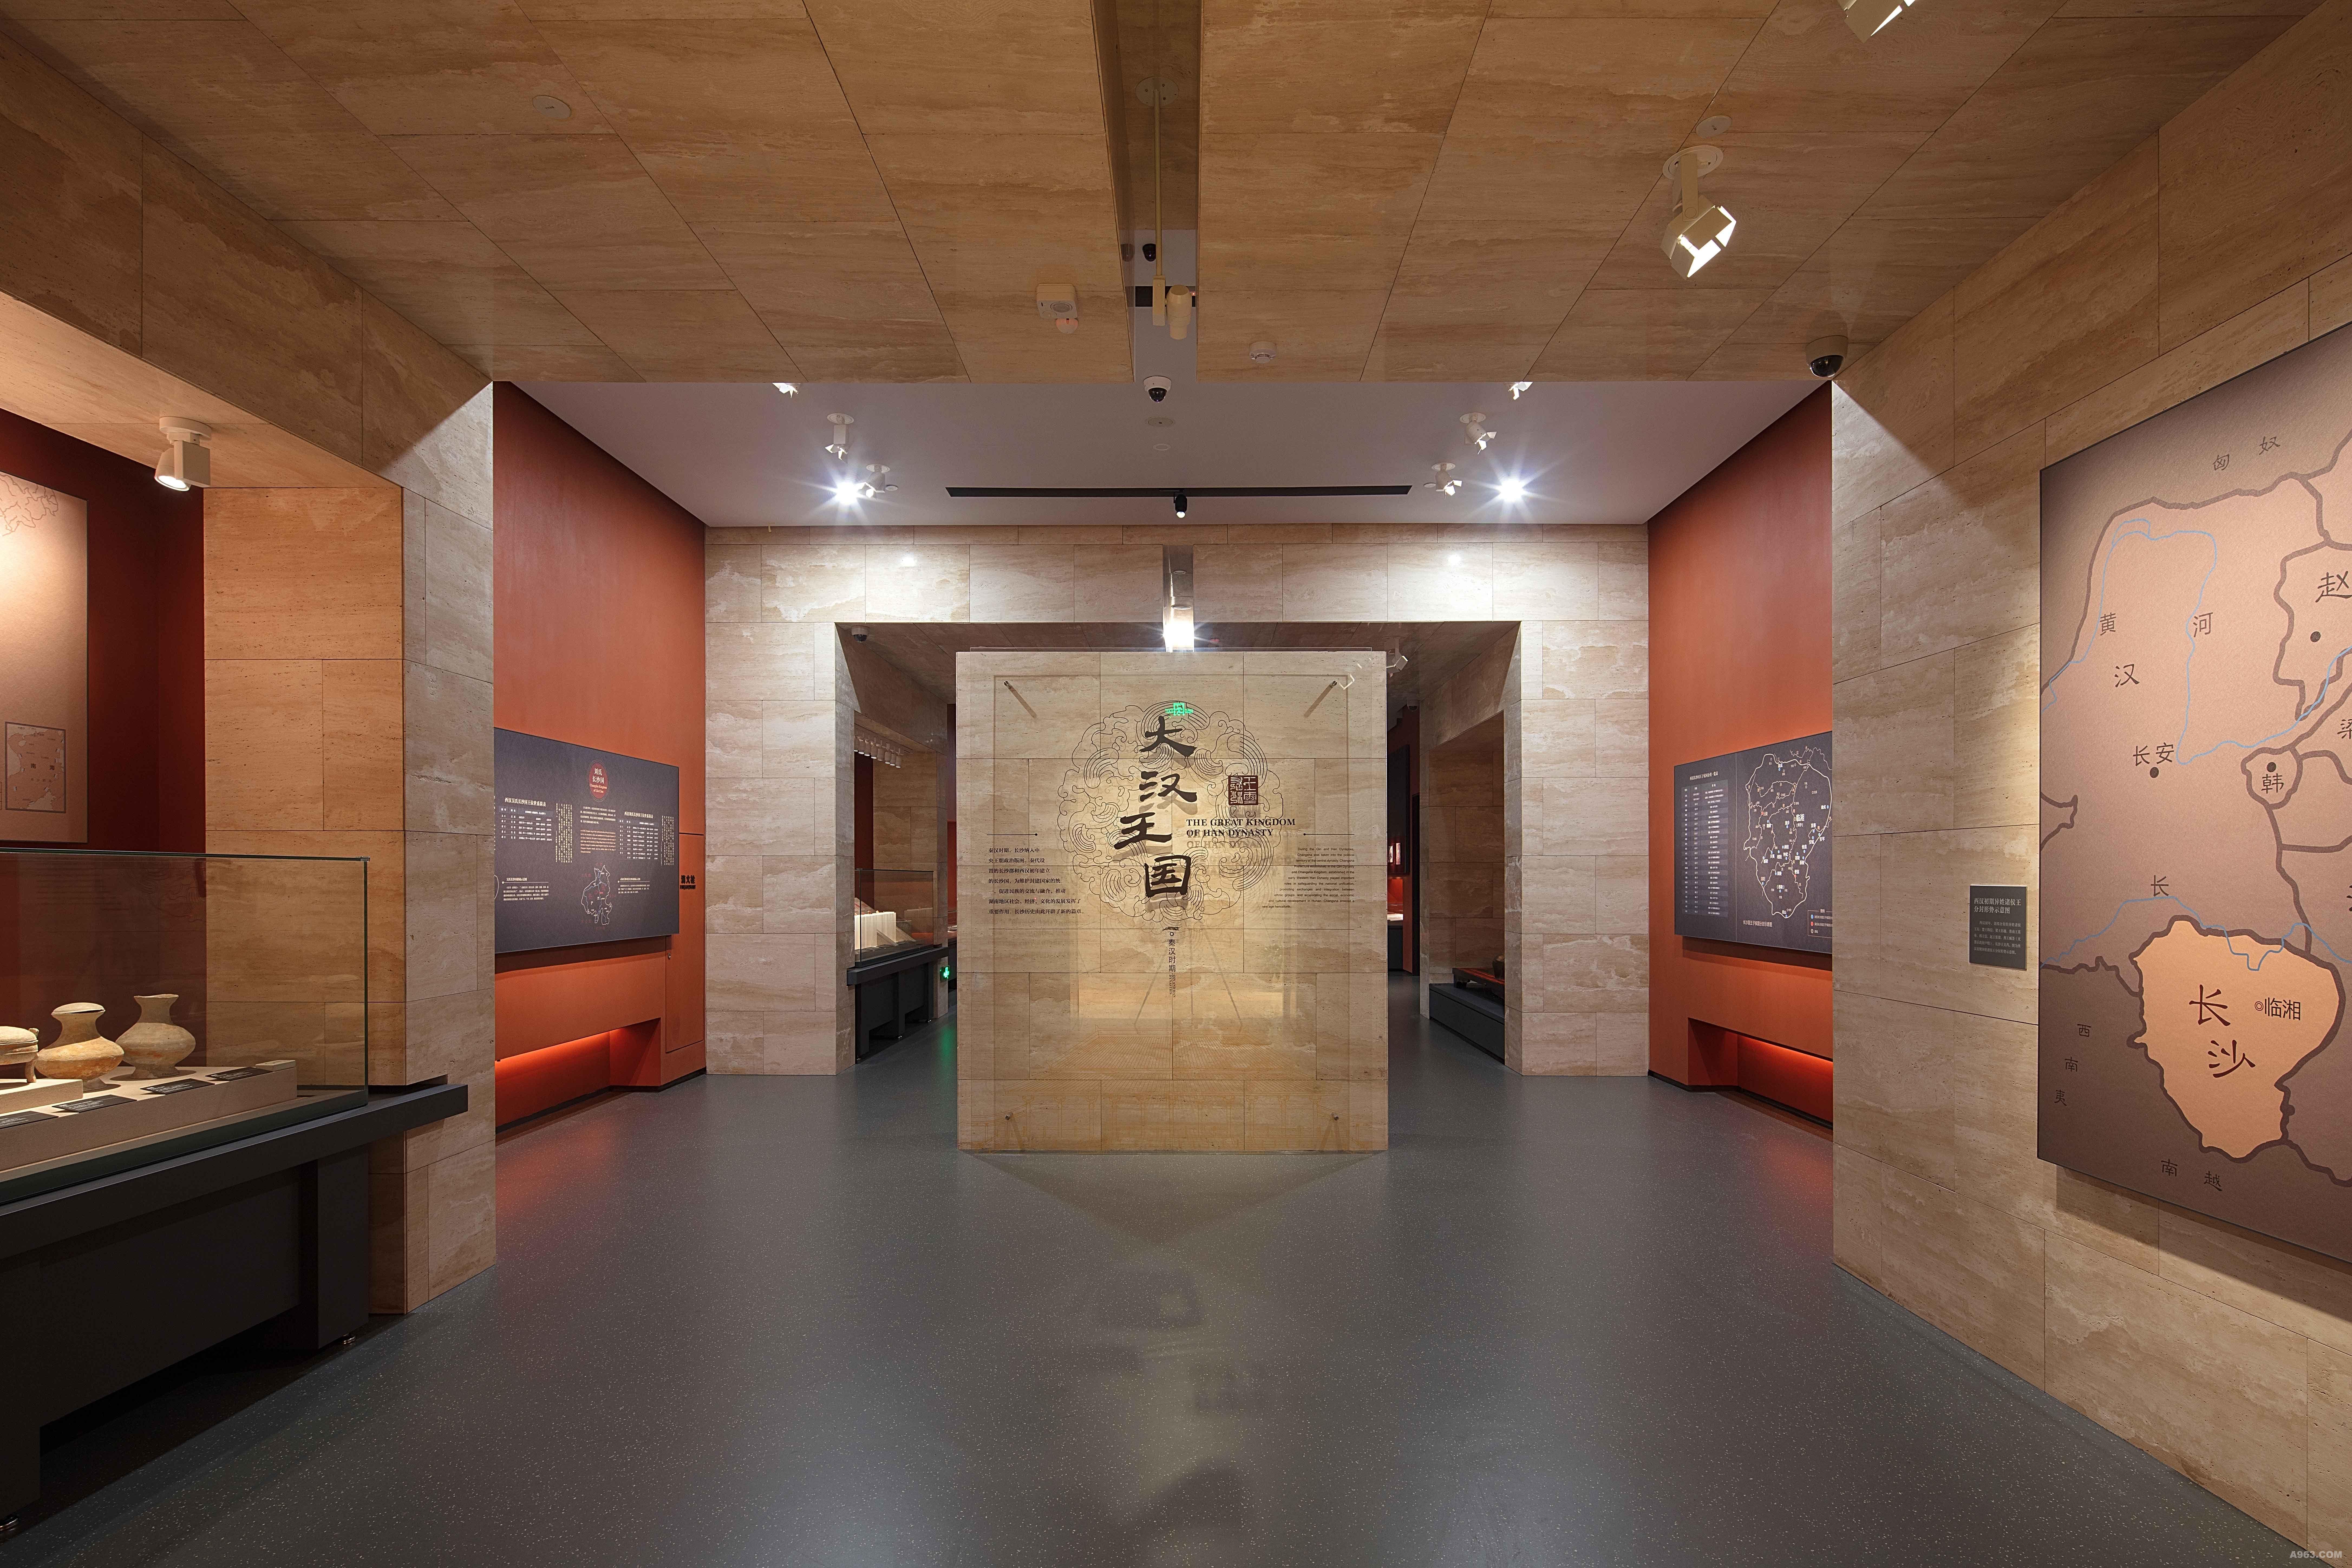 """湘江北去·中流击水 ——长沙博物馆历史文化陈列介绍 长沙博物馆历史文化陈列是第一个系统展示长沙地区历史文化的通史展览,分为古代篇和近代篇两个部分,共4个展厅,以长沙重大历史事件、著名历史人物、城市的发展变迁为主线,以长沙出土和征集的精美文物为主要载体讲述长沙故事。共展出文物1250余件(套),其中珍贵文物60%以上,使用各种资料图片2400余张。综合运用了场景复原、雕塑、多媒体、动画视频、虚拟现实装置、动手体验装置等多种展示手段。 古代篇""""湘江北去&mda"""